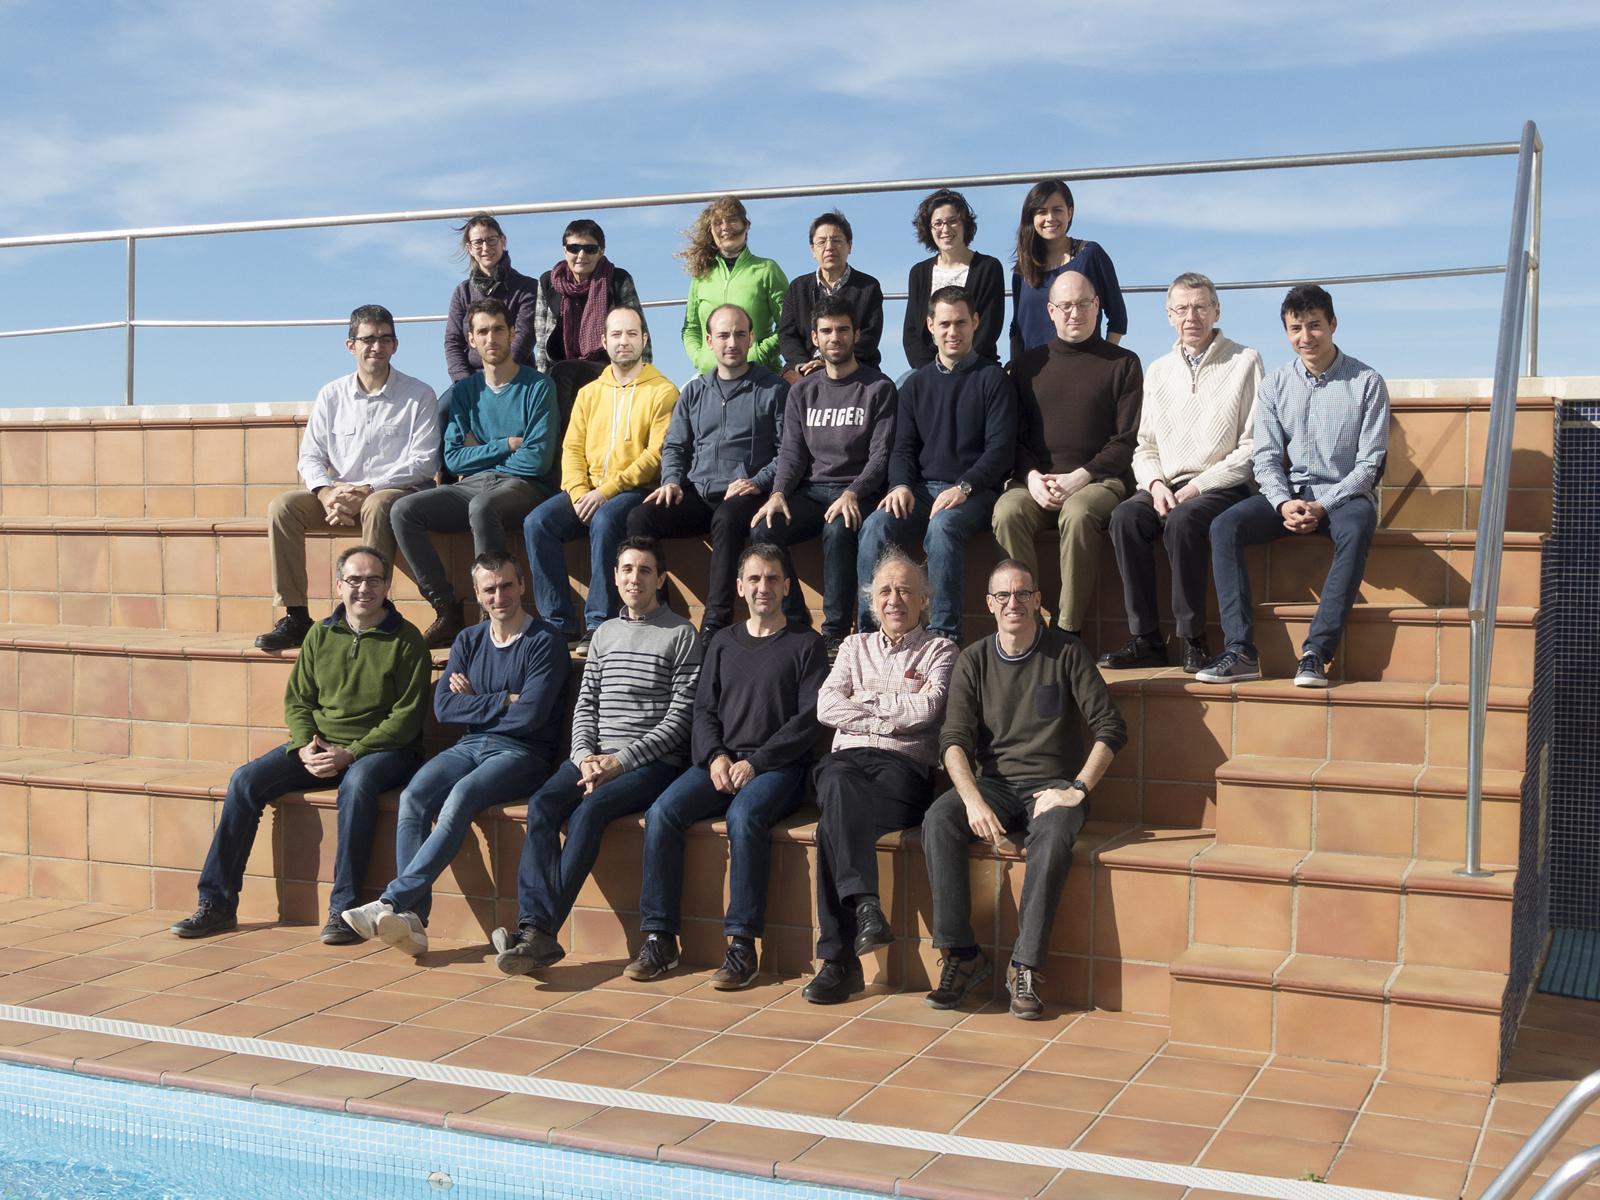 GaiaUB team